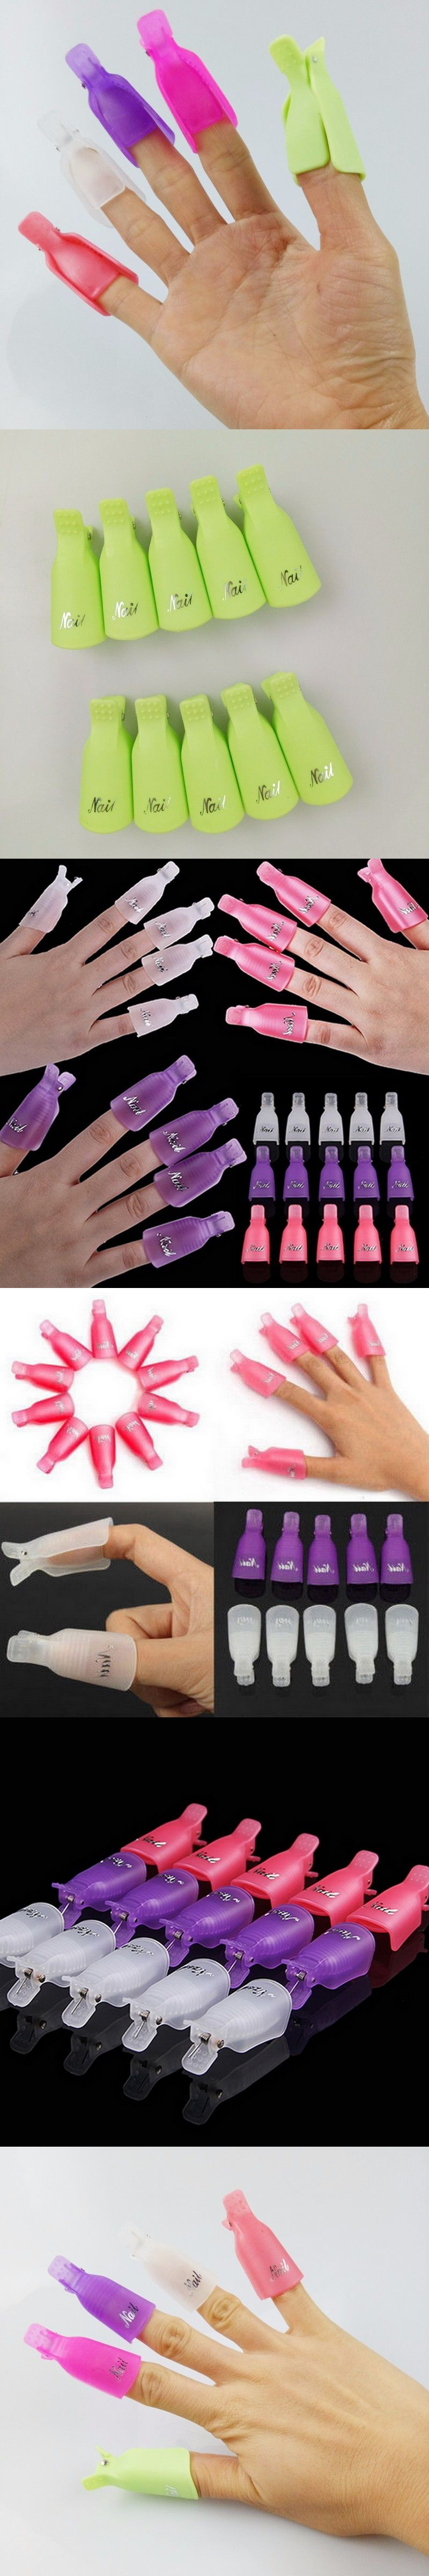 10pcs/lot Wearable Acrylic Nail Art Soak Off Cap Clip UV Gel Polish ...